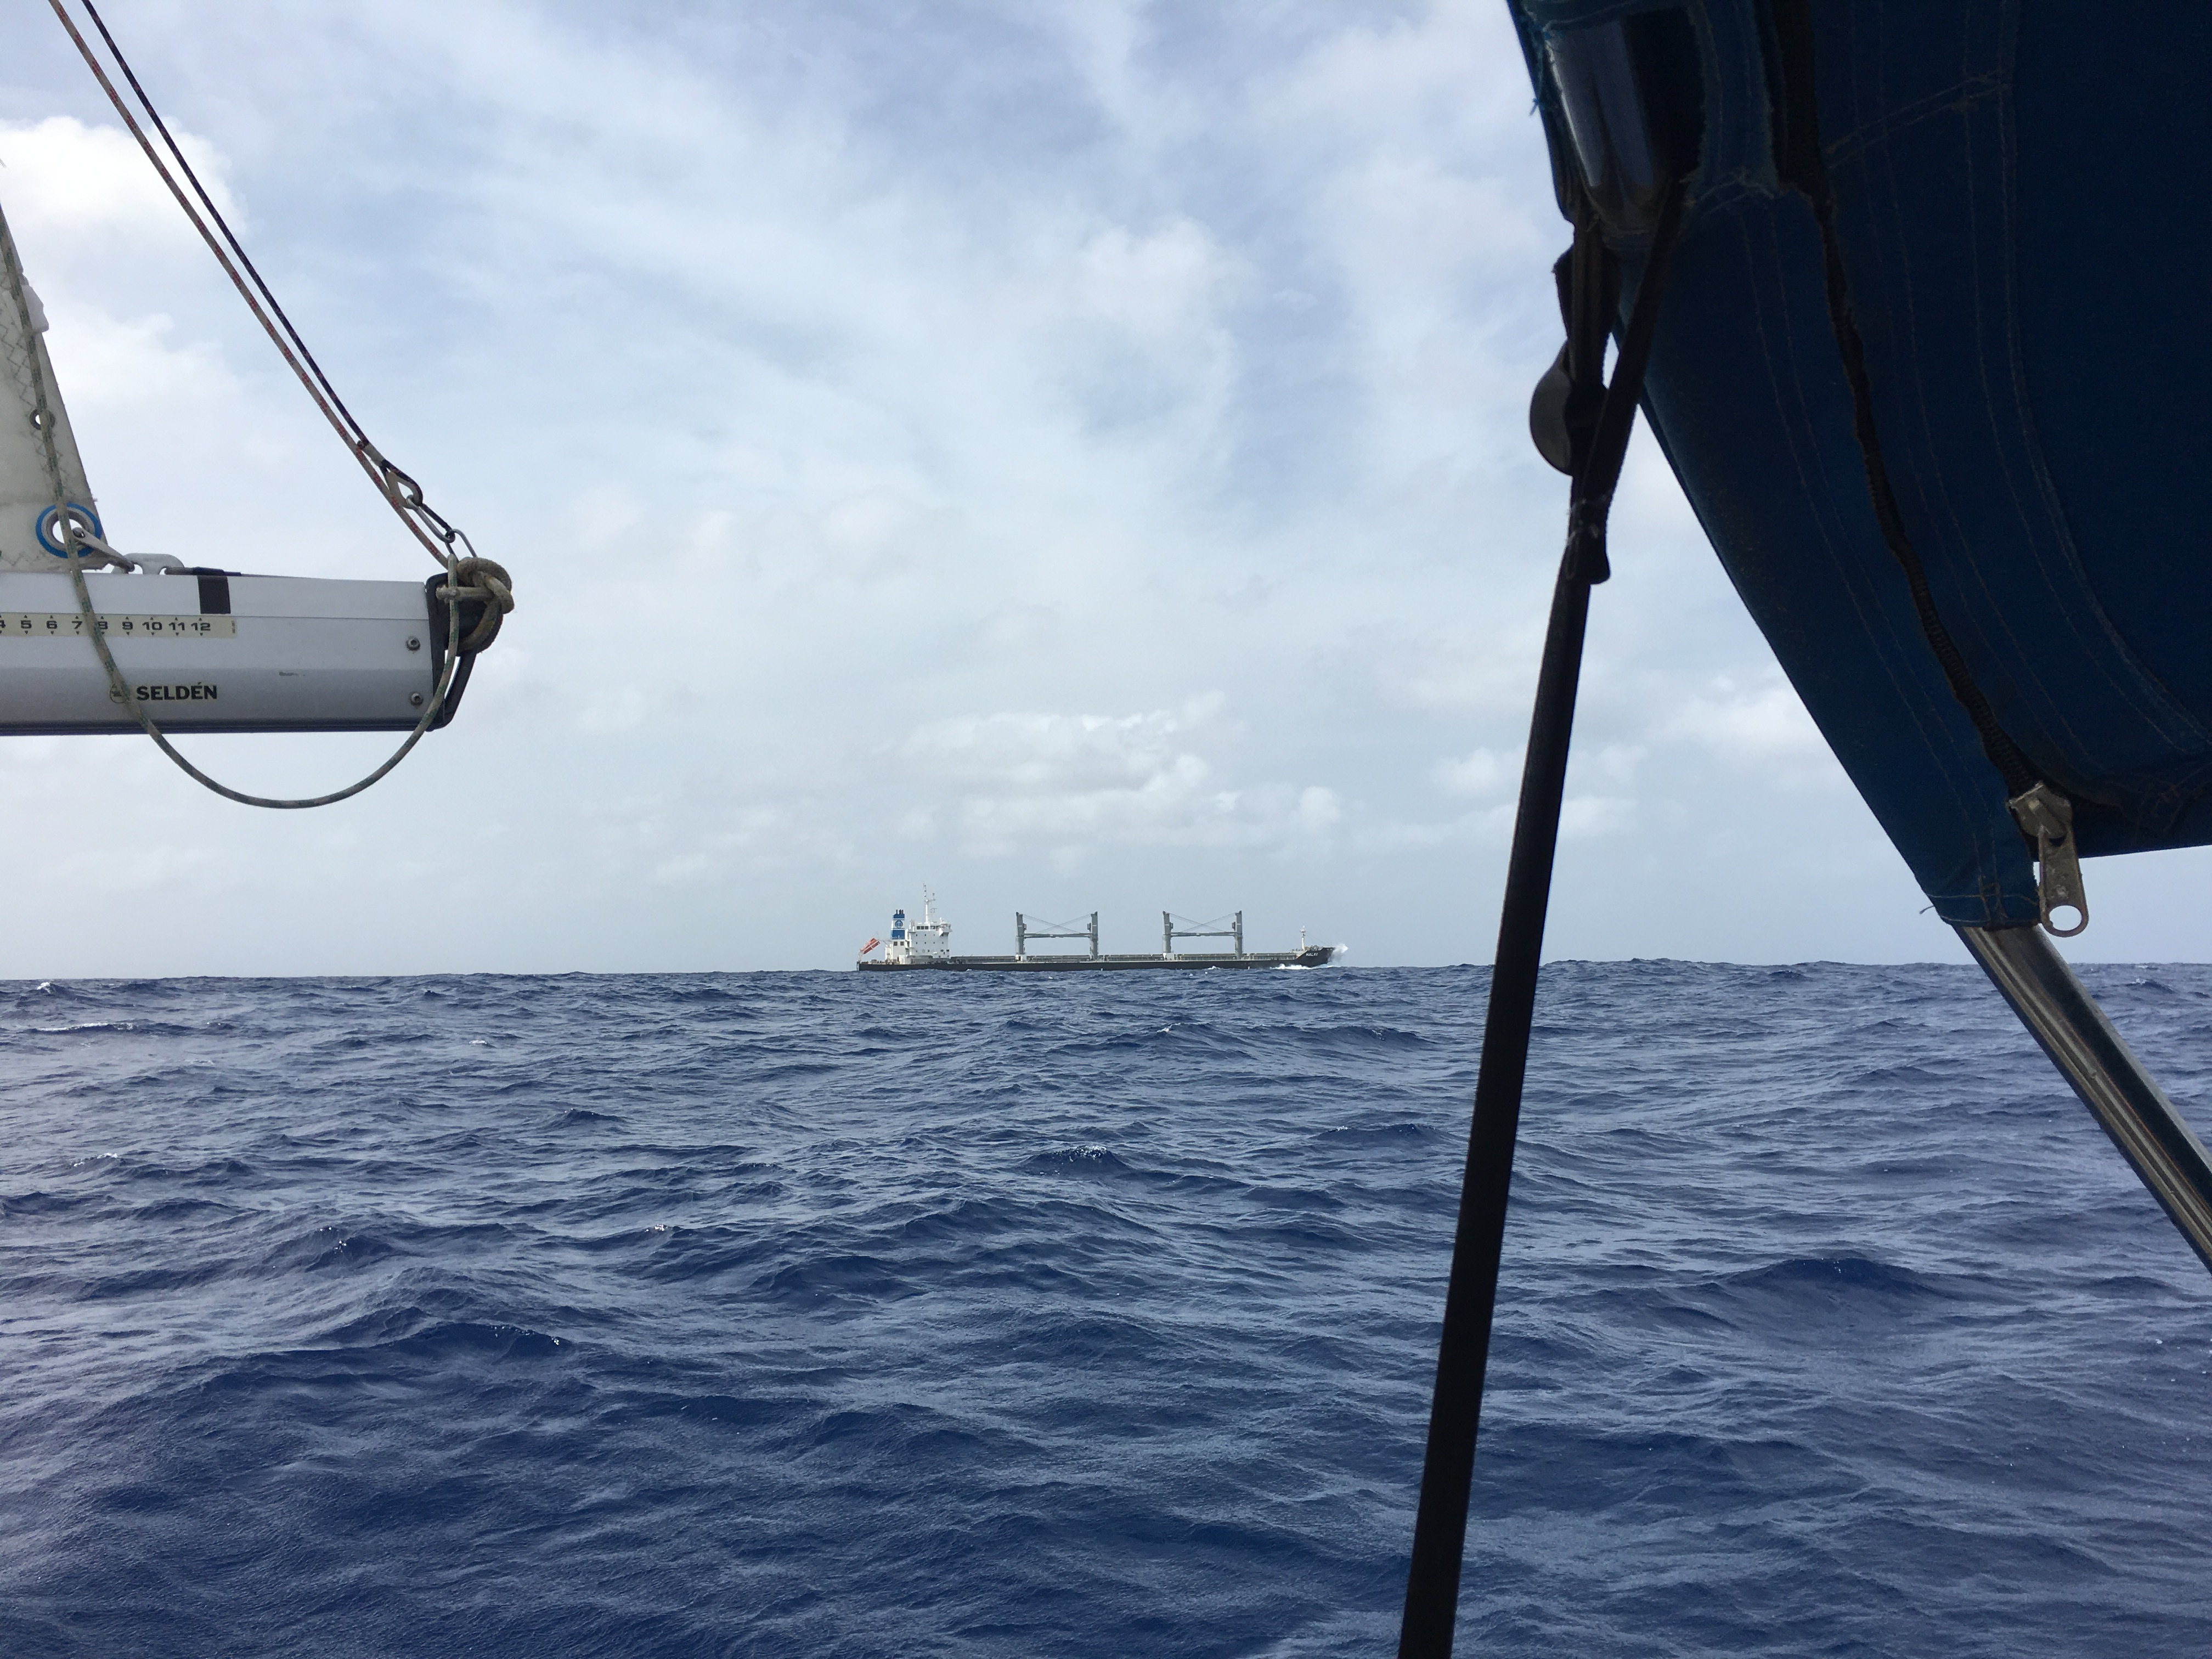 Oil tanker, floating off radar.